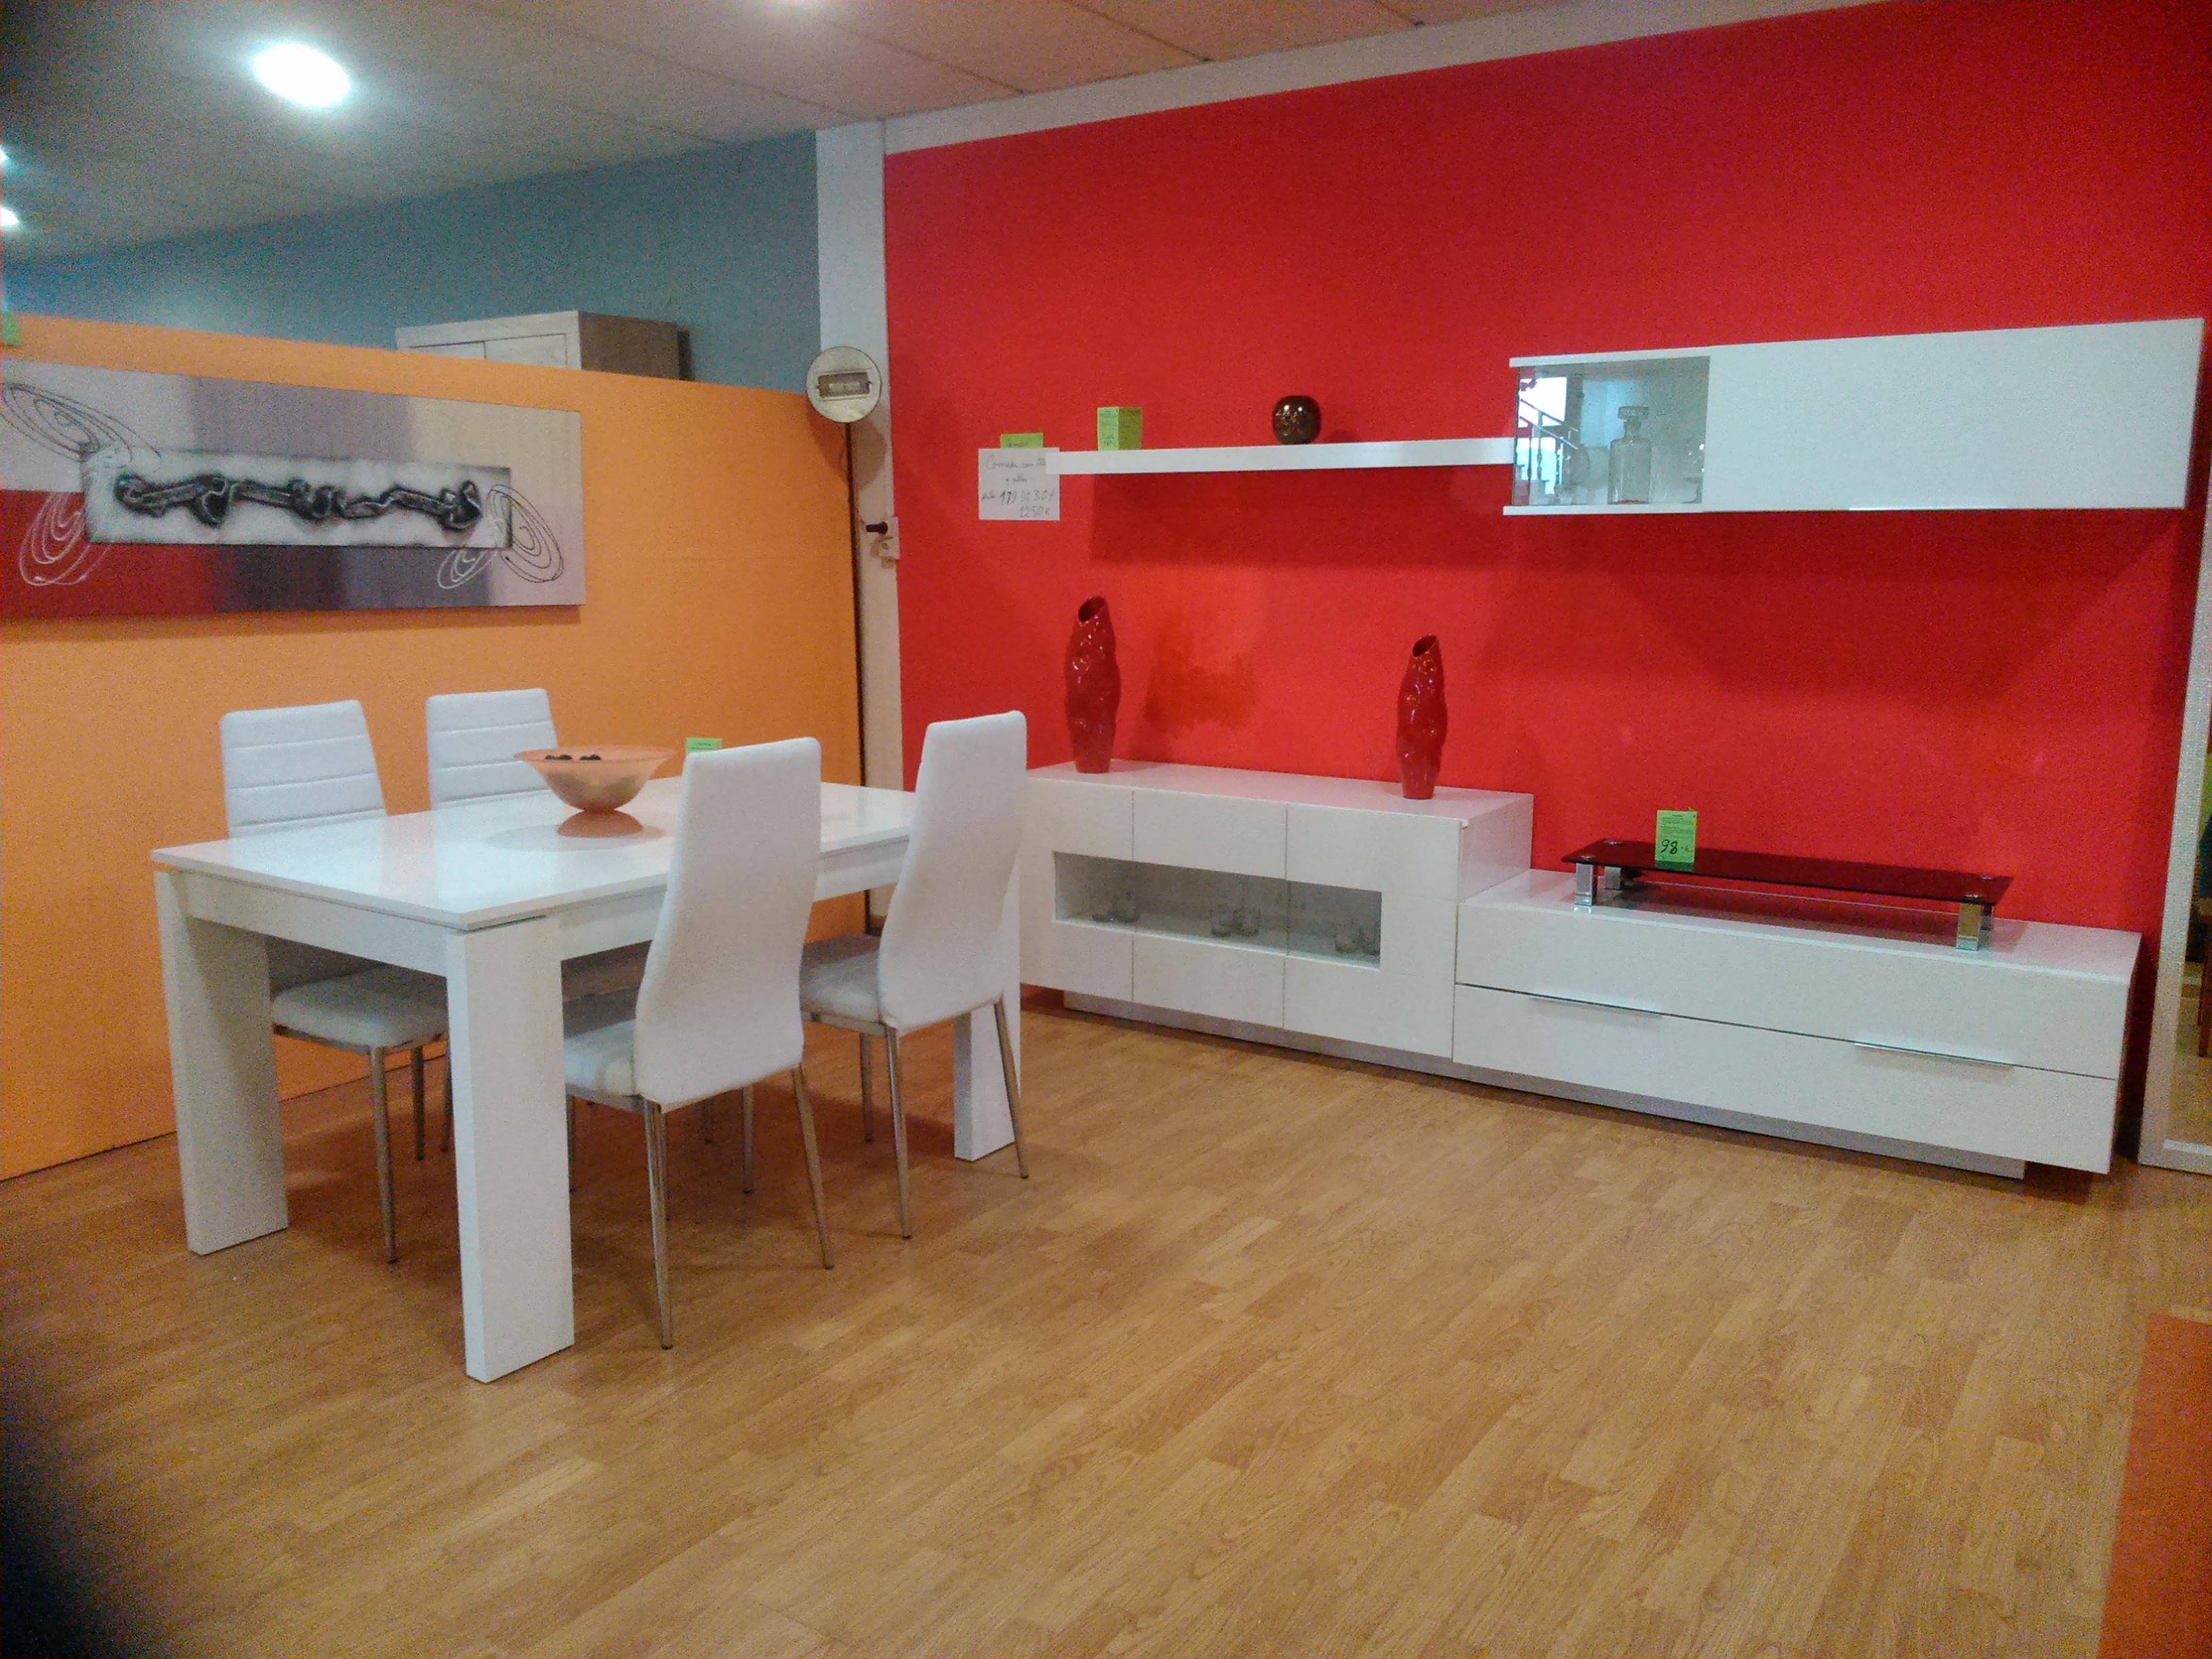 Conjunto comedor exposici n 03 muebles vinaroz for Conjunto muebles comedor